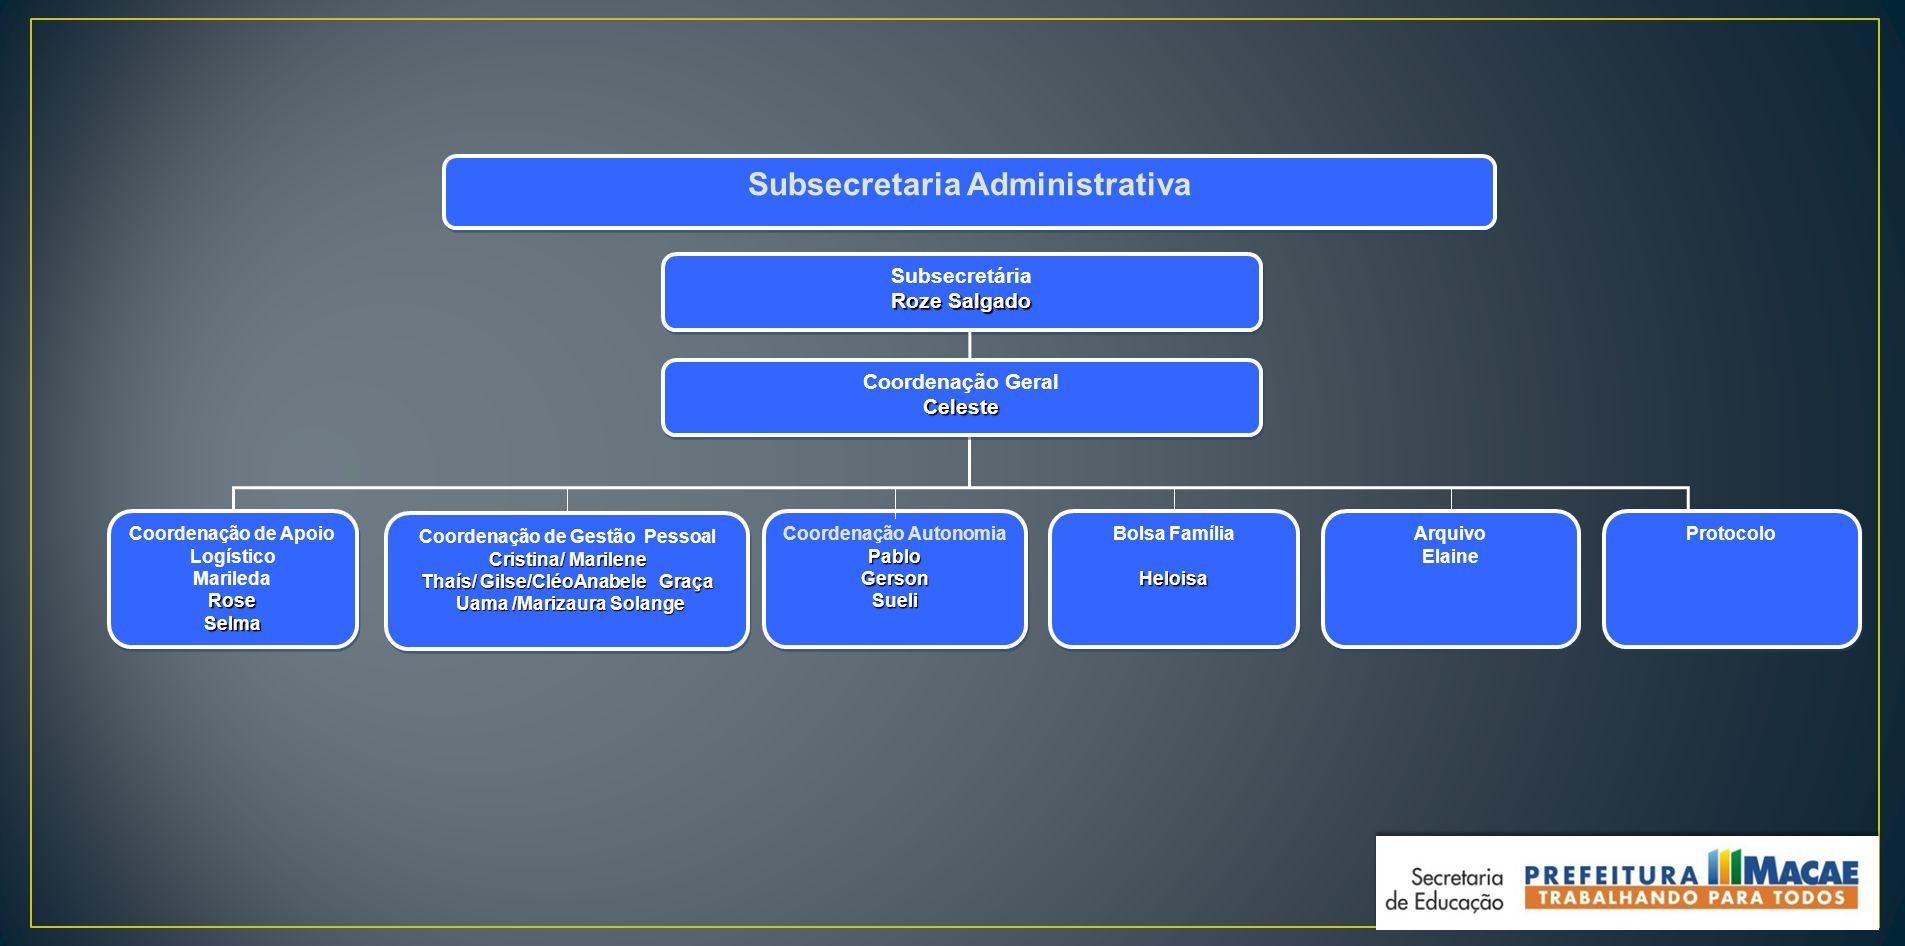 Subsecretaria Administrativa Coordenação AutonomiaPabloGersonSueli PabloGersonSueli Coordenação de Apoio Logístico MariledaRoseSelma Coordenação de Ap